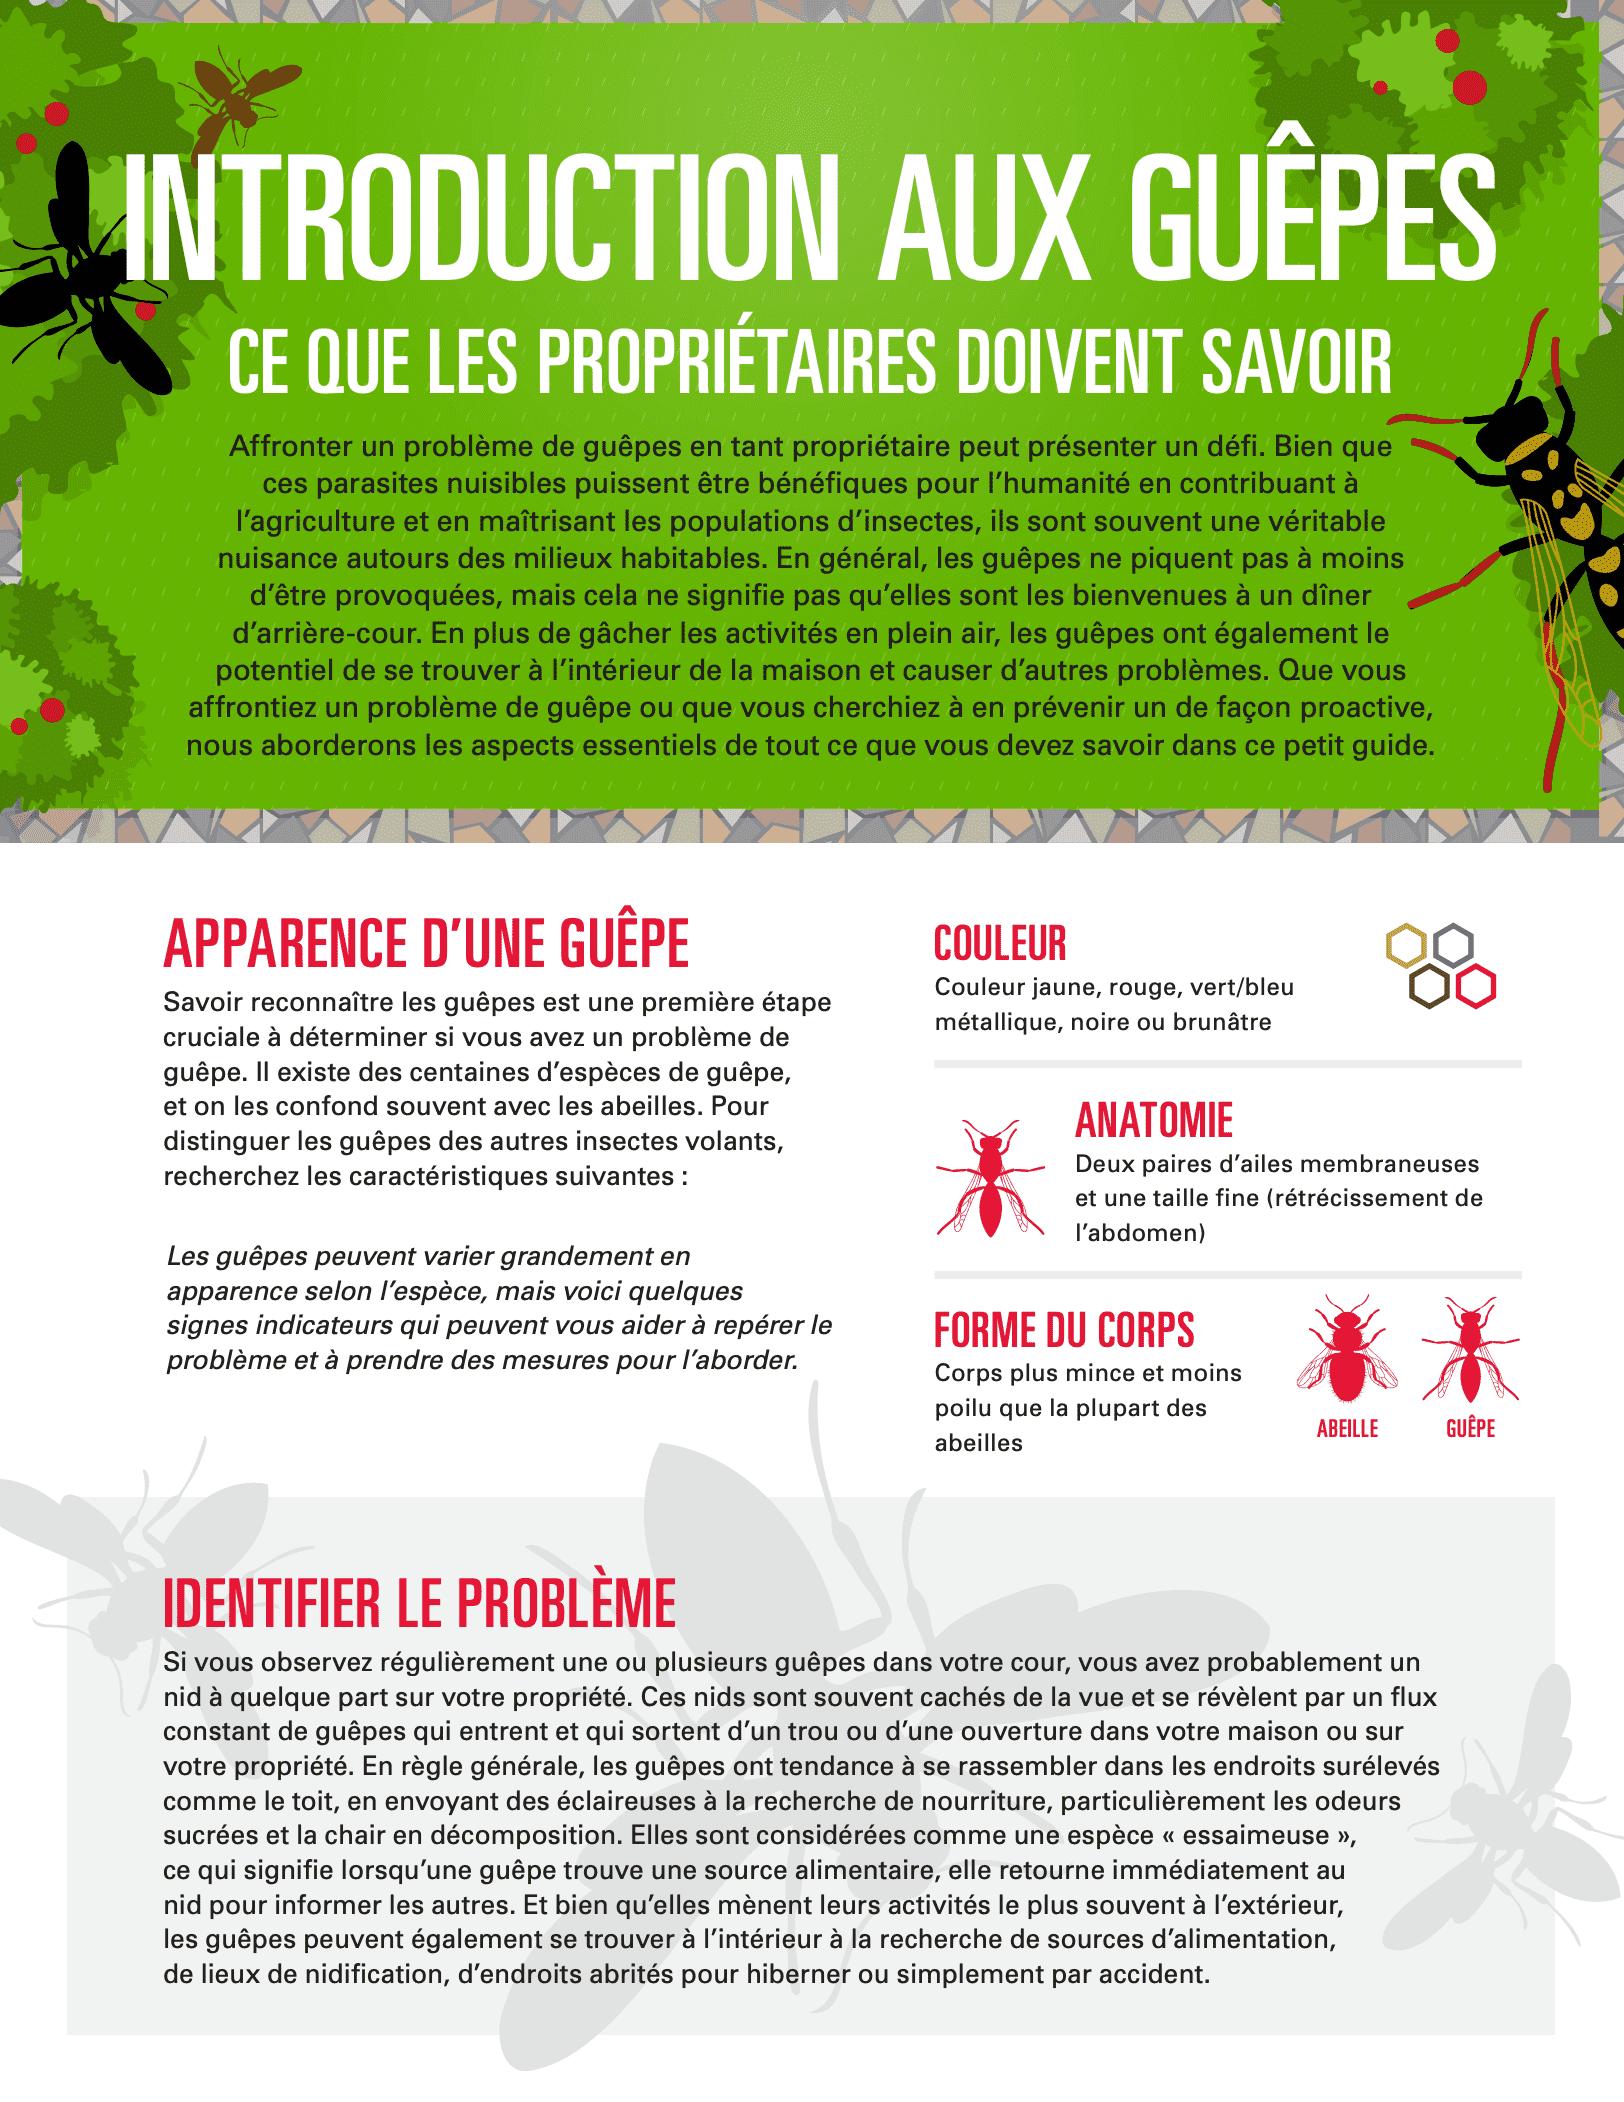 Un guide pour comprendre et prévenir les guêpes